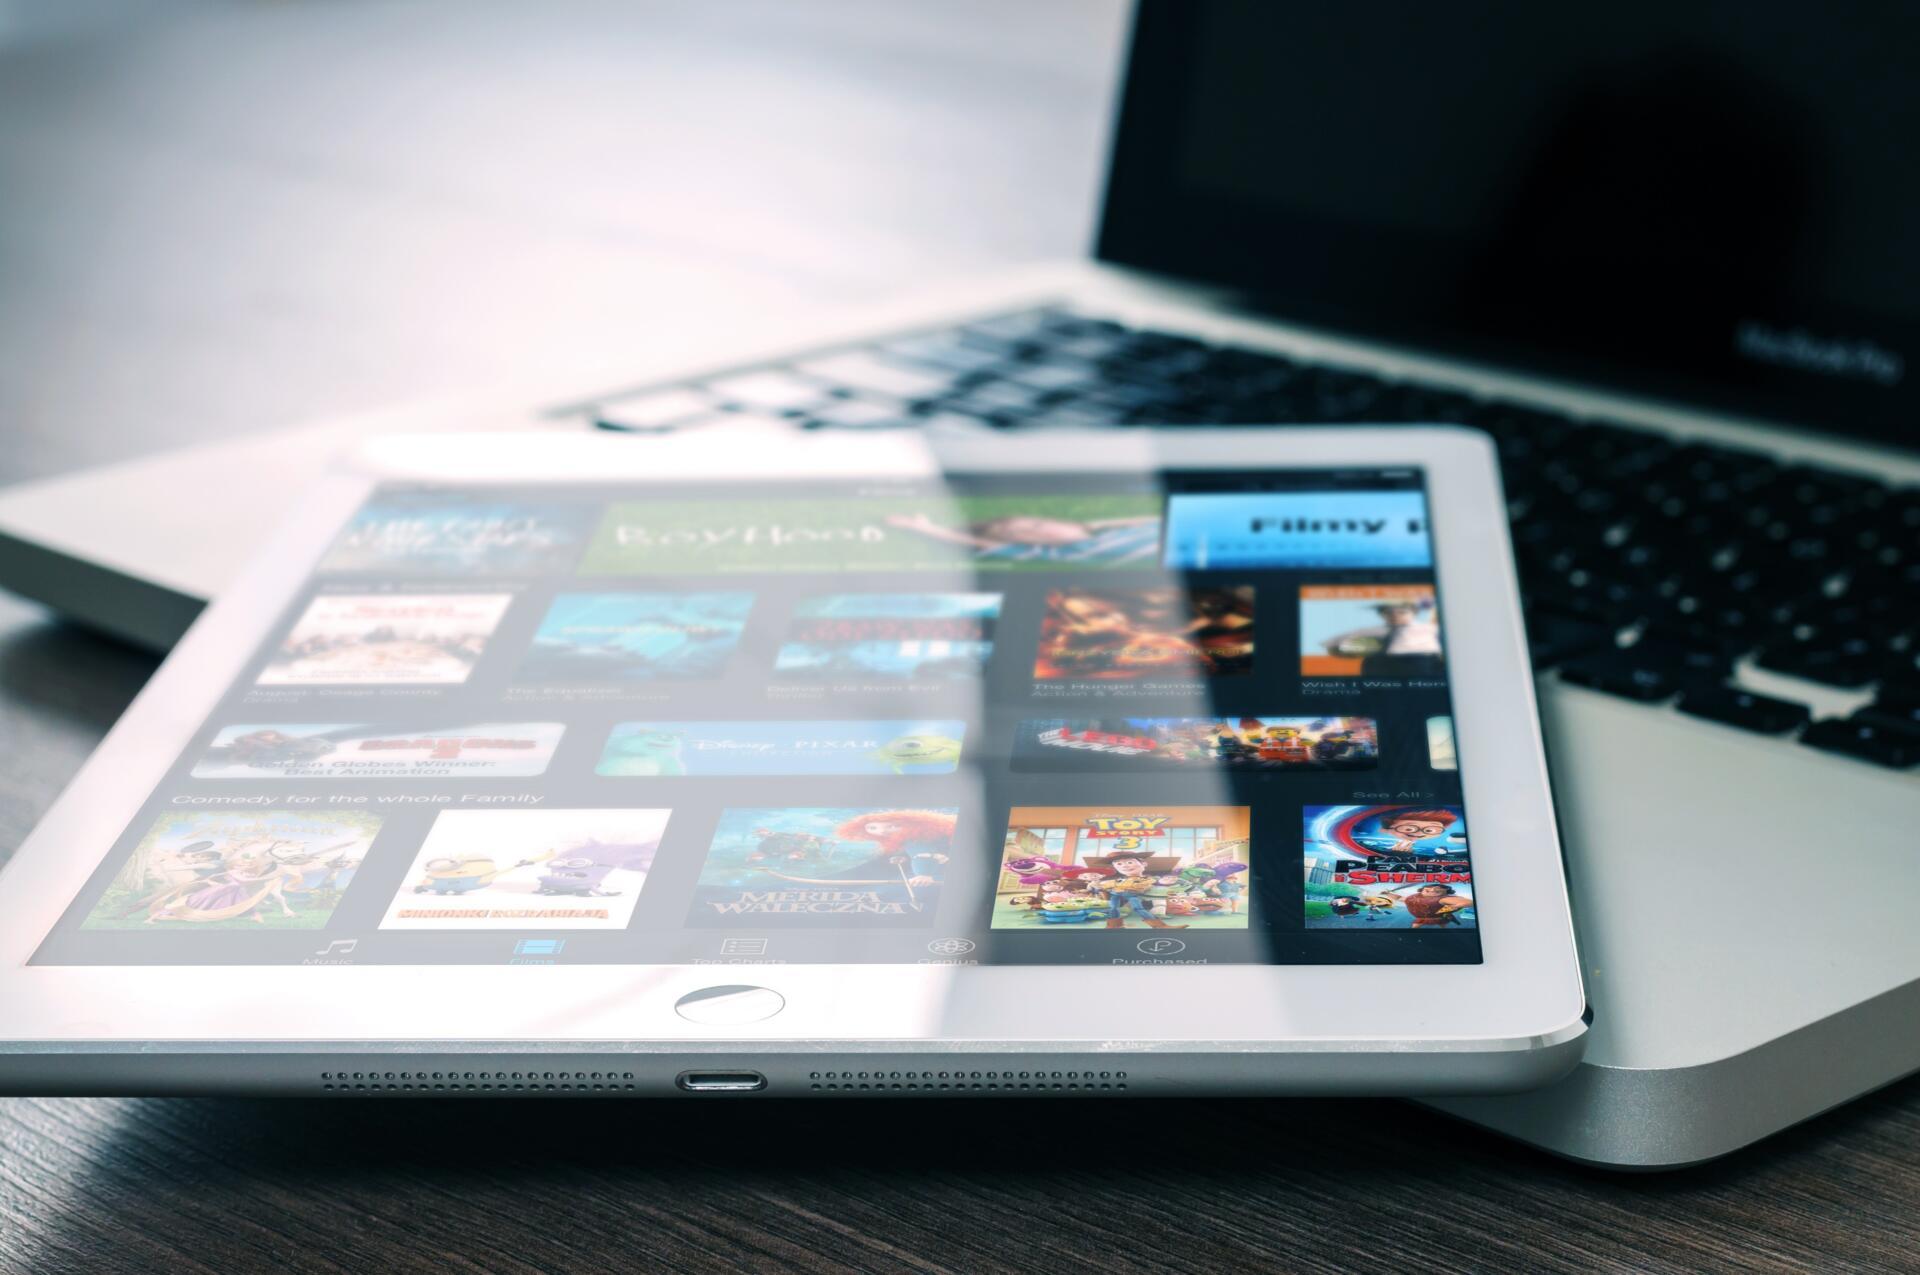 ¿Cómo se pueden tutelar los derechos de los creadores de obras en el ámbito digital?